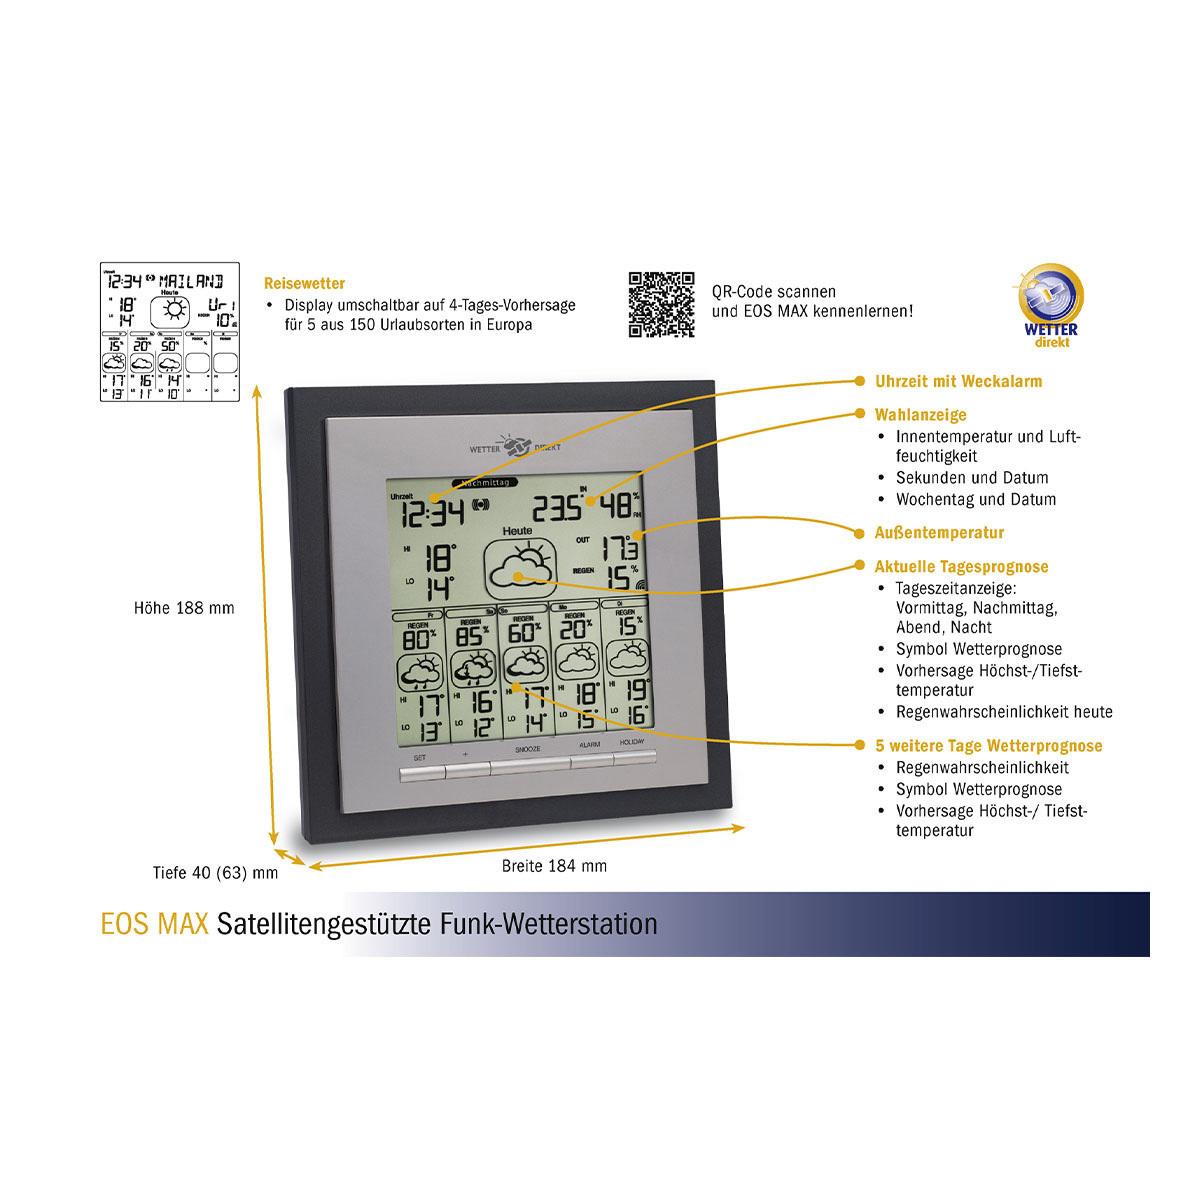 35-5015-10-it-satellitengestützte-funk-wetterstation-eos-max-abmessungen-1200x1200px.jpg